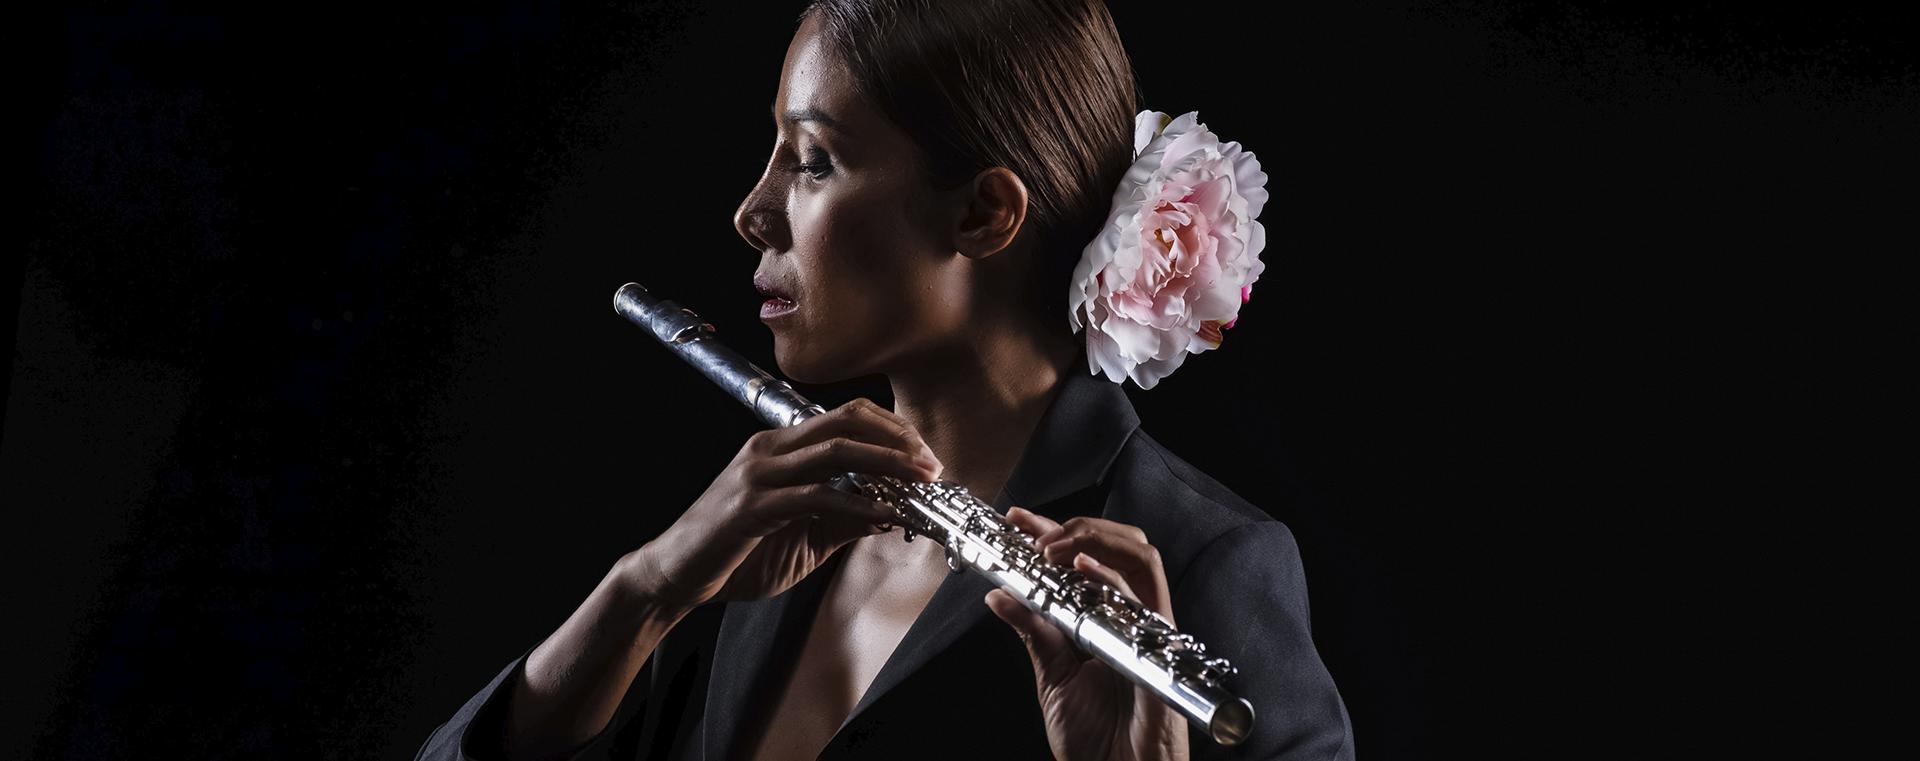 Flauta Transversal